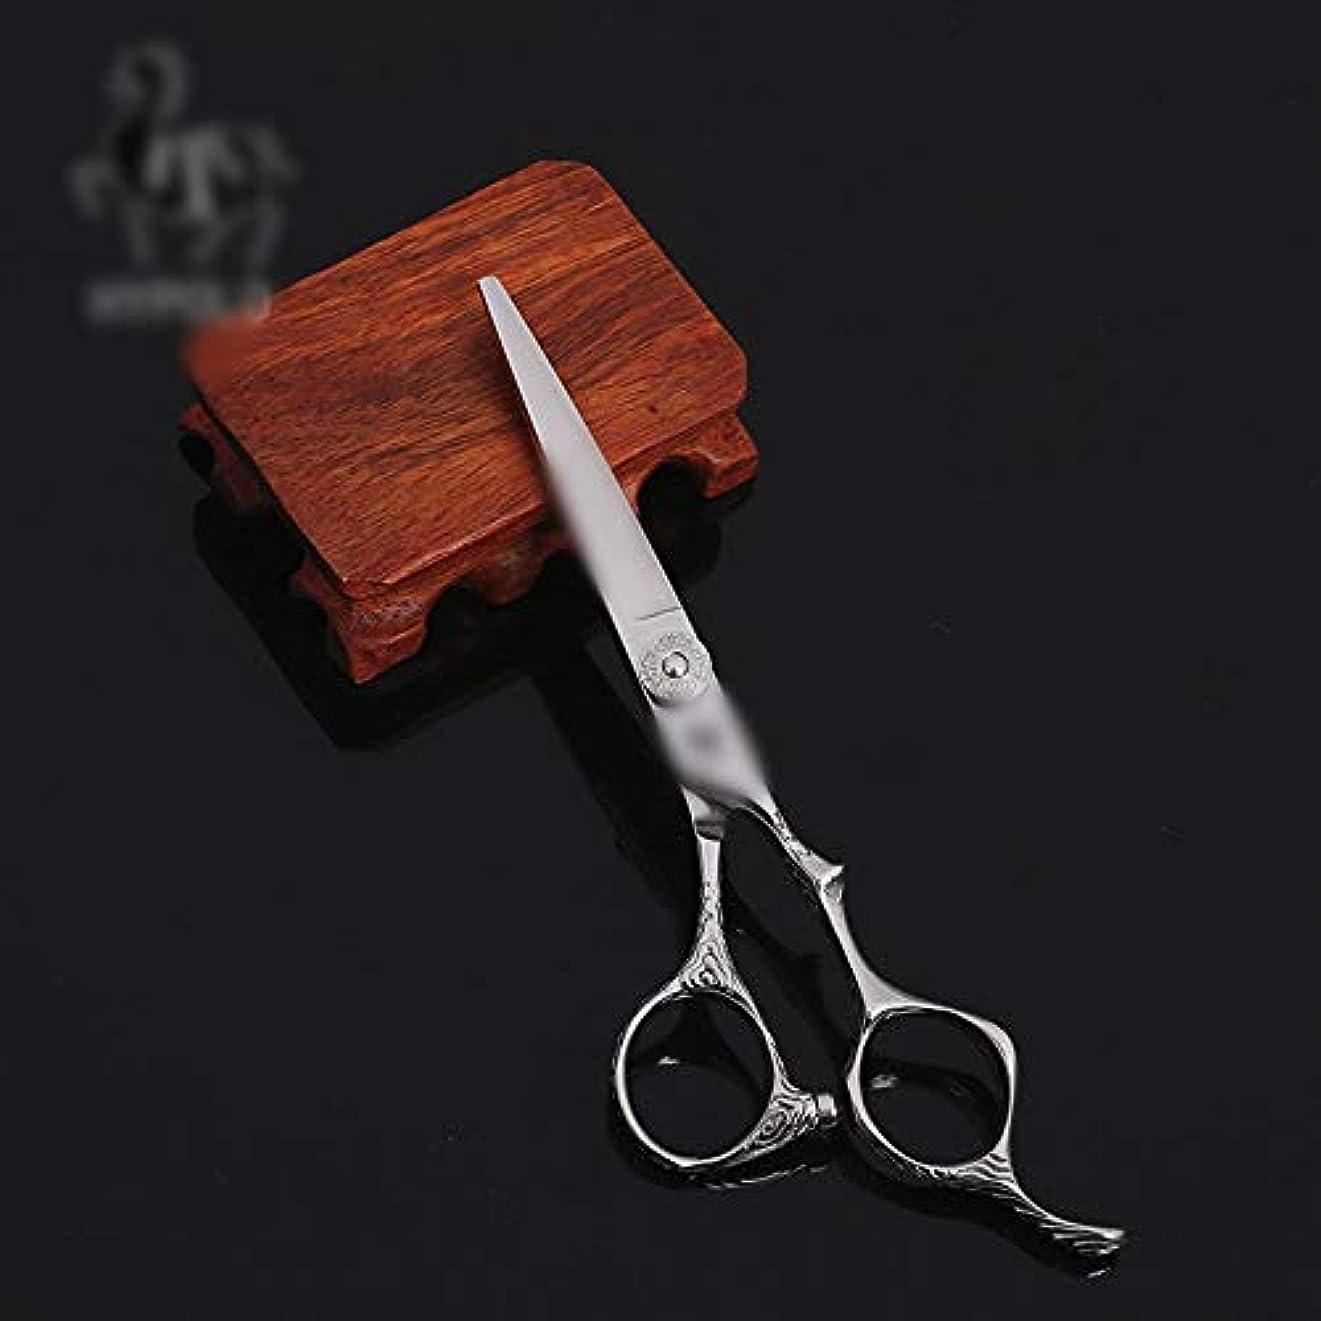 カジュアル法令遠えWASAIO ヘアカットのはさみはさみプロフェッショナルステンレス理容セットの理髪間伐テクスチャーサロン美容ツール無条件6インチ (色 : Silver)